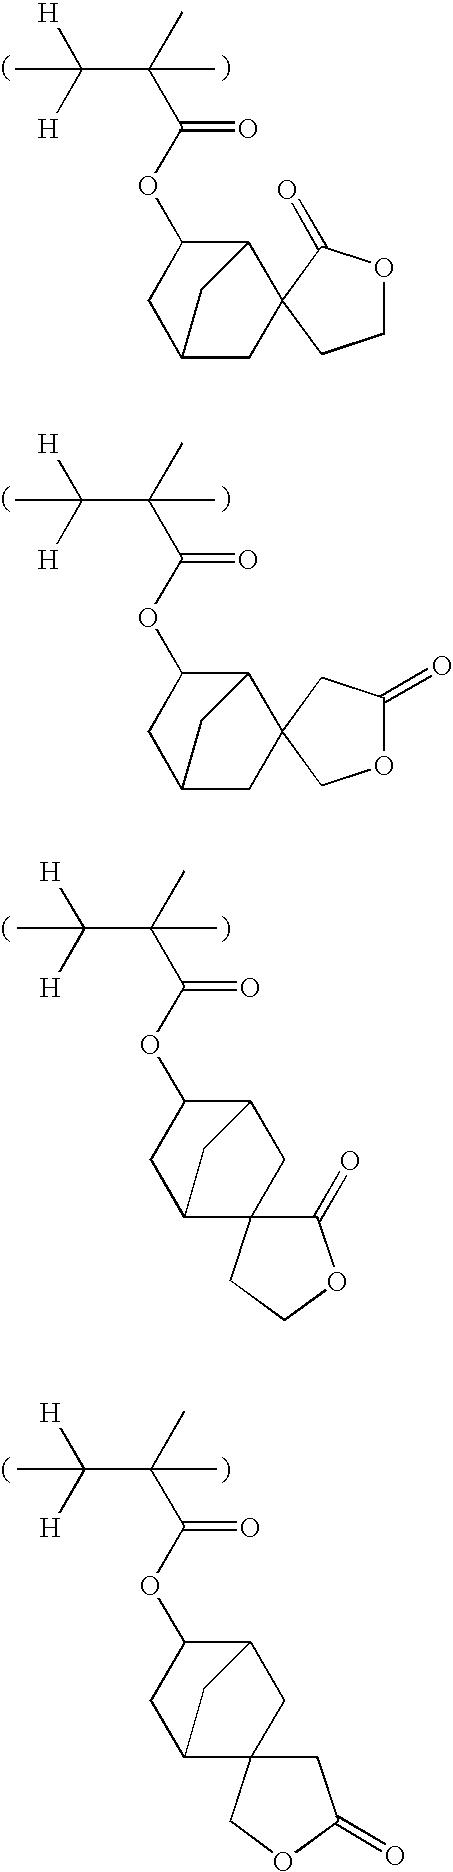 Figure US07537880-20090526-C00042